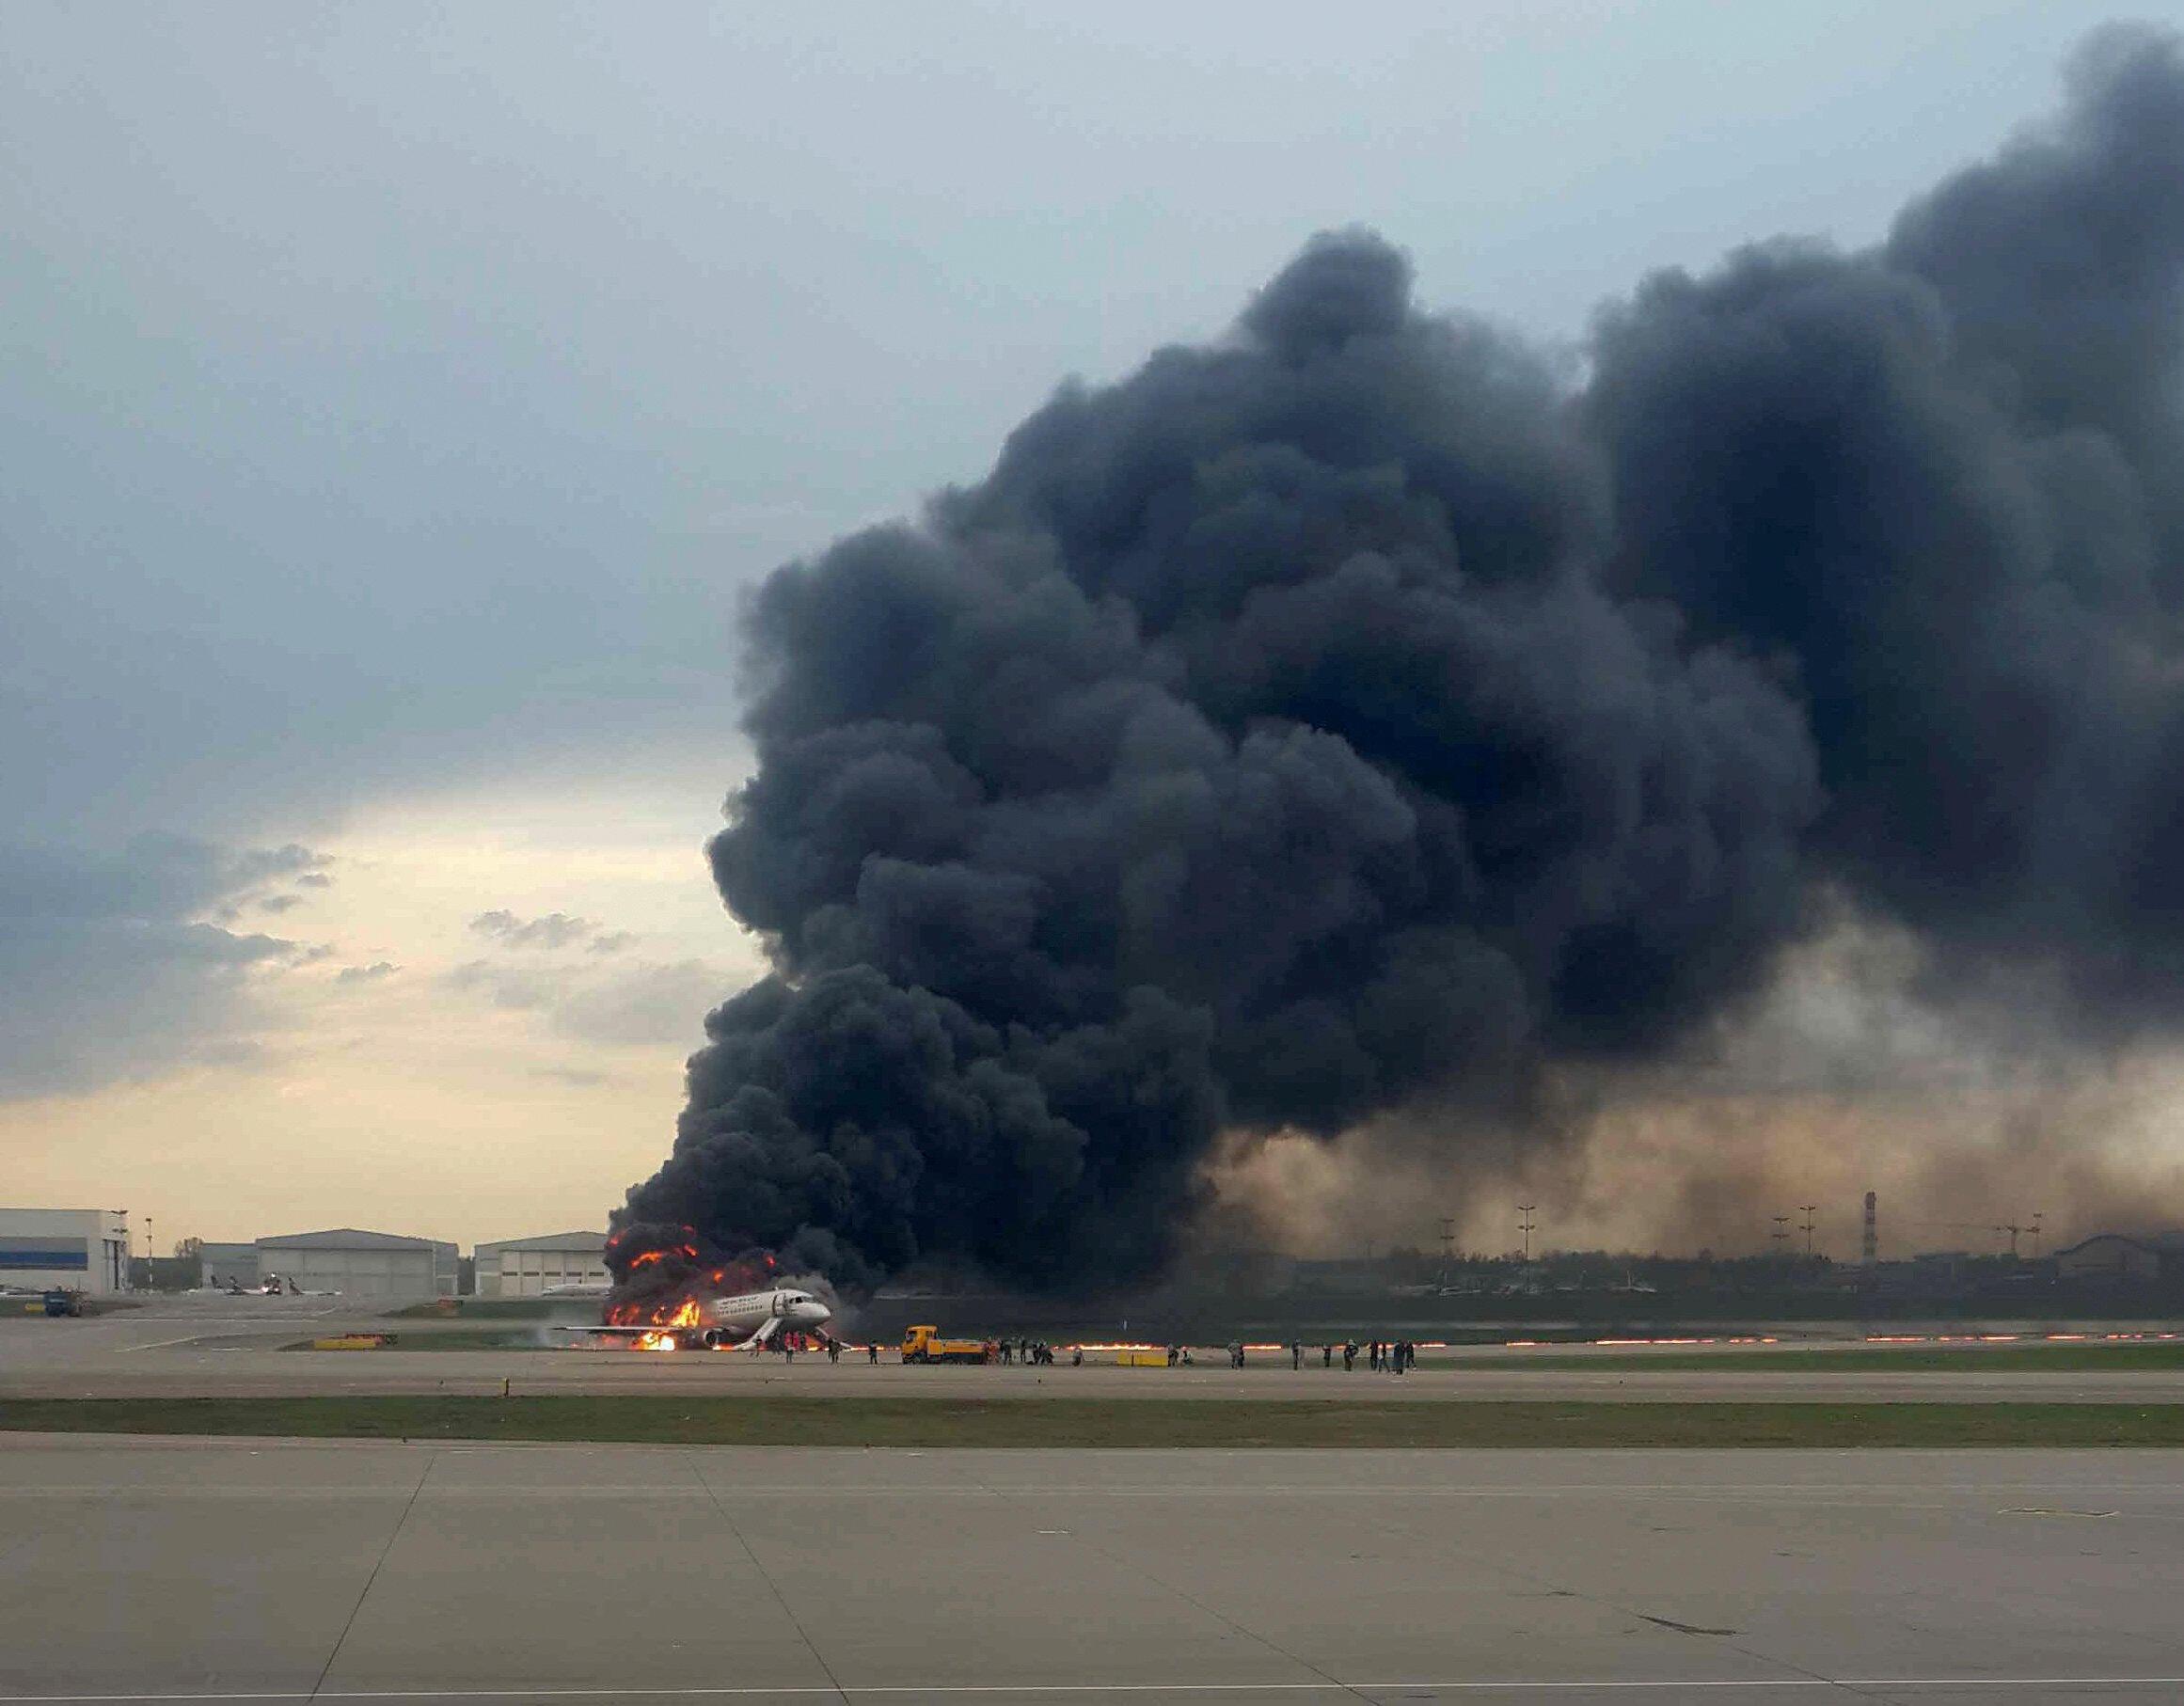 Quarenta e uma pessoas morreram neste domingo (5) no pouso de emergência de um avião da companhia aérea russa Aeroflot, que se incendiou com 78 pessoas a bordo no aeroporto Moscou-Sheremetyevo.